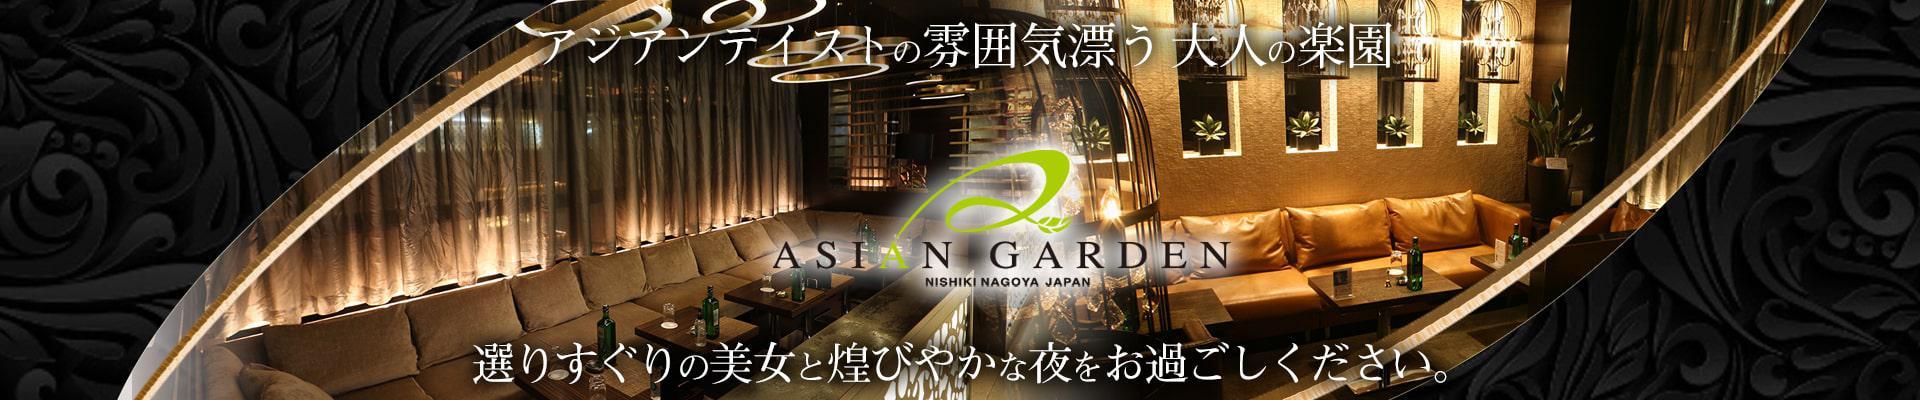 錦のセクキャバ「ASIAN GARDEN(アジアンガーデン)」